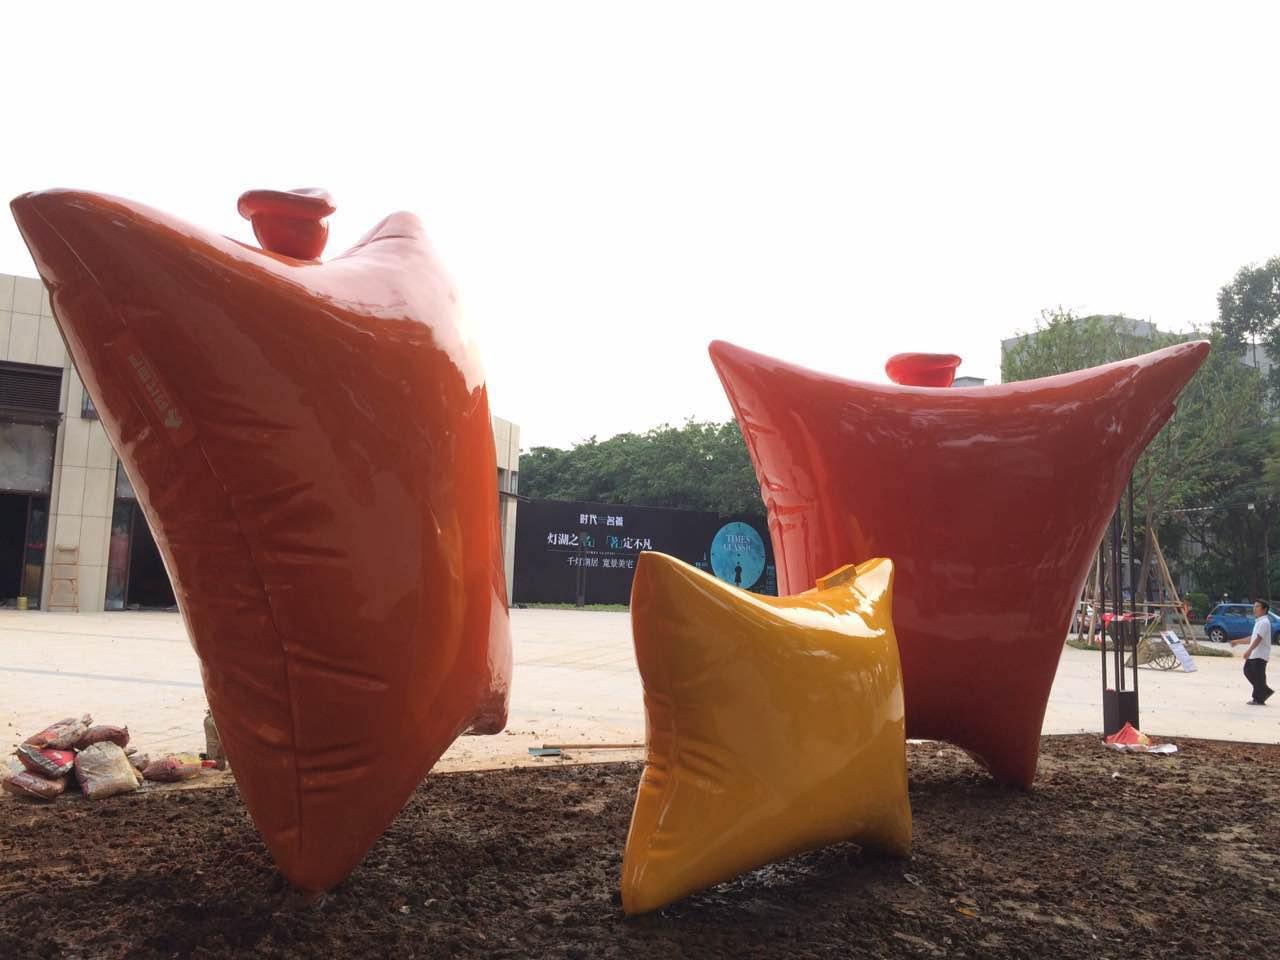 惠州玻璃钢雕塑定制 指定厂家